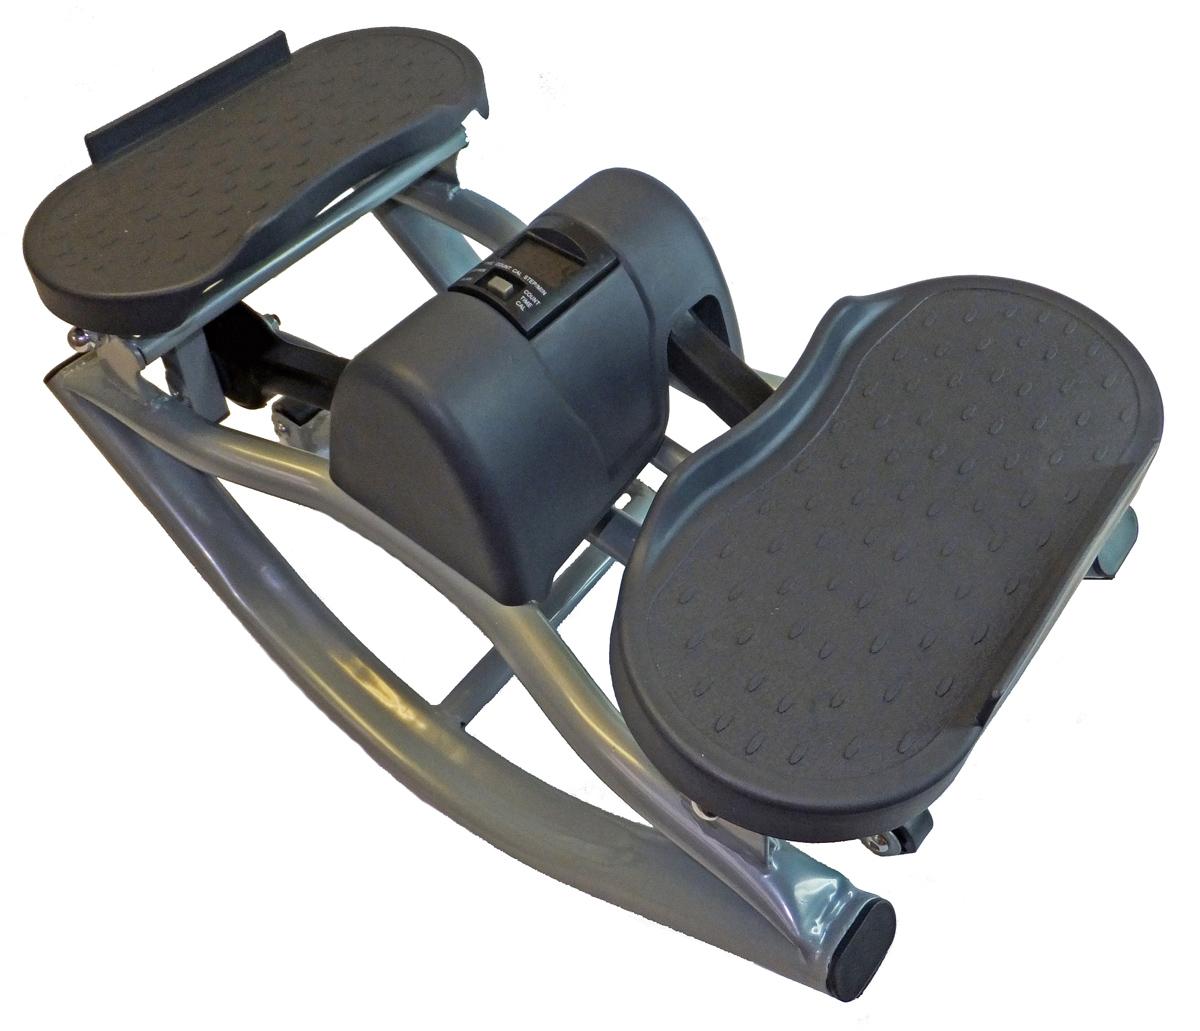 Степпер балансировочный Body Sculpture SE 5106, цвет: черныйGB-5106/ SE 5106Body Sculpture GB-5106/0722-03 - балансировочный министеппер, небольшой аэробный тренажер для дома и офиса (имитация ходьбы по лестнице). Отлично подойдет для тех, кто хочет самостоятельно в домашних условиях поддерживать свою физическую форму в хорошем состоянии. Занимаясь на этом тренажере, любой пользователь сможет тренировать различные группы мышц: бедра, ягодицы, бицепс, трицепс, плечи, спину.Балансировочный министеппер Body Sculpture GB-5106/0722-03 имеет удобный бортовой компьютер, который отслеживает время выполнения упражнения, скорость ходьбы, количество сделанных шагов и количество потраченных калорий. Министеппер Body Sculpture GB-5106/0722-03 - это максимально эффективный и при этом самый компактный и самый миниатюрный тренажер. Он подходит для большинства квартир, не занимает много места, Вы сможете хранить его даже под кроватью.Характеристики:Конструкция проста, надежна и компактна.Бесшумная модель, приводимая в движение переносом центра тяжести с одной ноги на другую.На раме есть специальные металлические петли-держатели для ручек (ручки в комплект не входят).Расширенные платформы для ног дополнены выпуклым рисунком, предотвращающим скольжение.Компьютер в сканирующем режиме отображает:- время,- количество шагов,- частоту шагов в минуту,- расход калорий. Характеристики: Материал: металл, пластик. Вес: 7400 г. Размер тренажера (ДхШхВ): 51 см х 27 см х 27 см. Размер упаковки (ДхШхВ): 51 см х 29 см х 40 см. Изготовитель: Китай. Гарантия: 1 год. Артикул:GB-5106/ SE 5106.